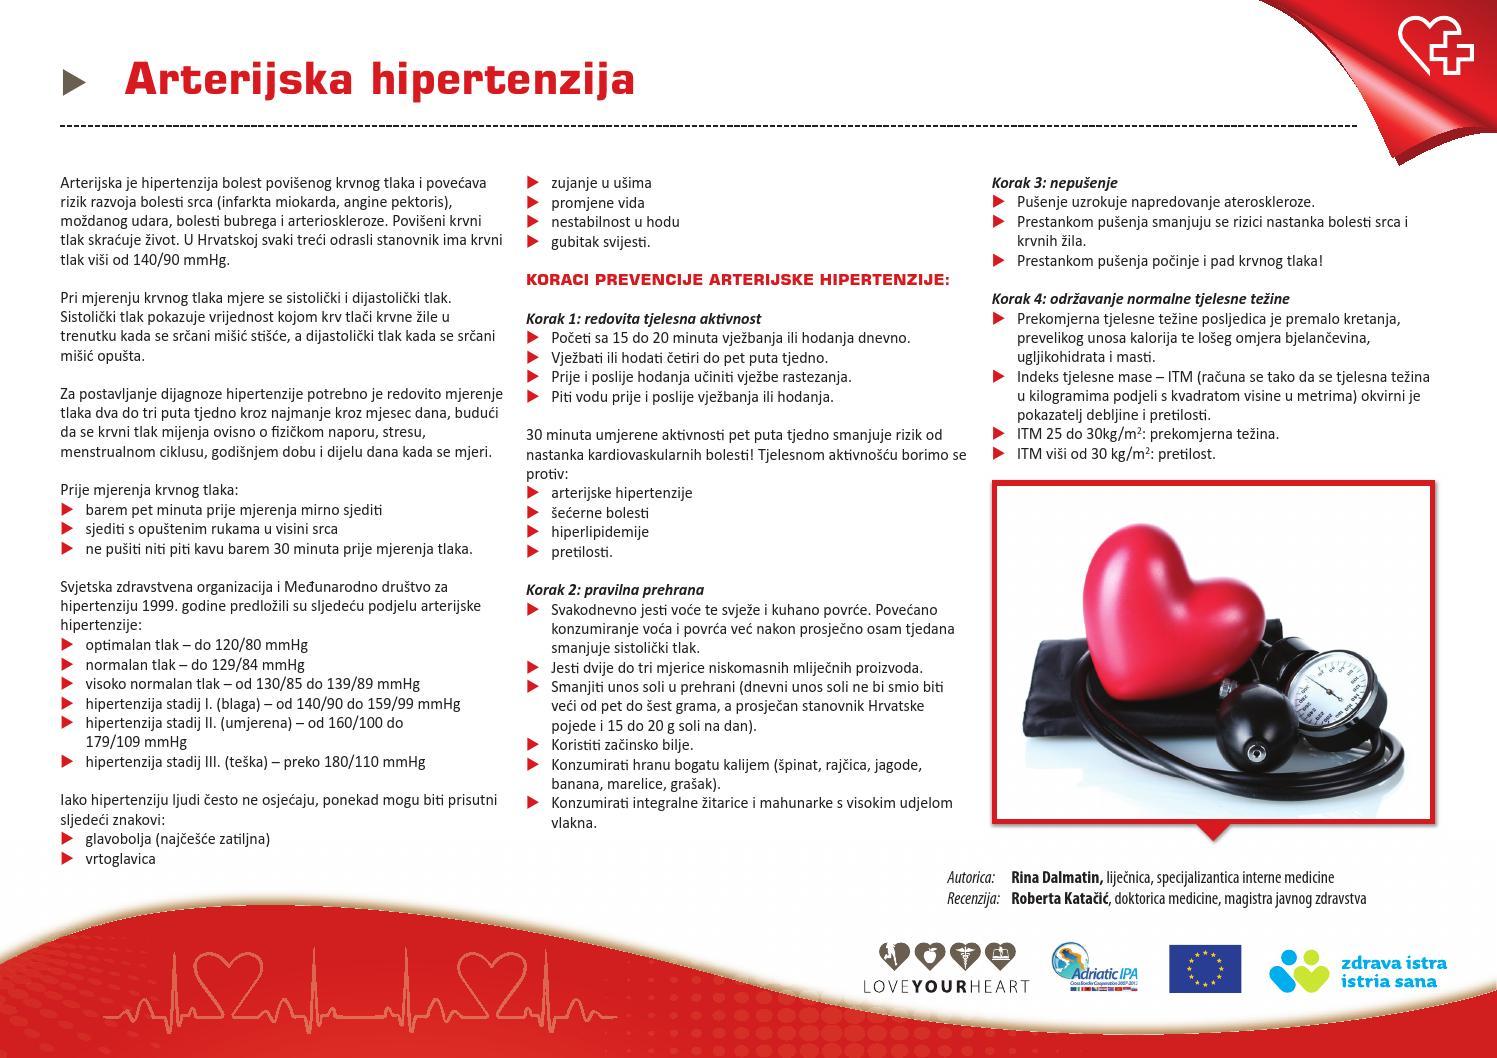 Neliječena hipertenzija povećava rizik od hemoragijskog moždanog udara